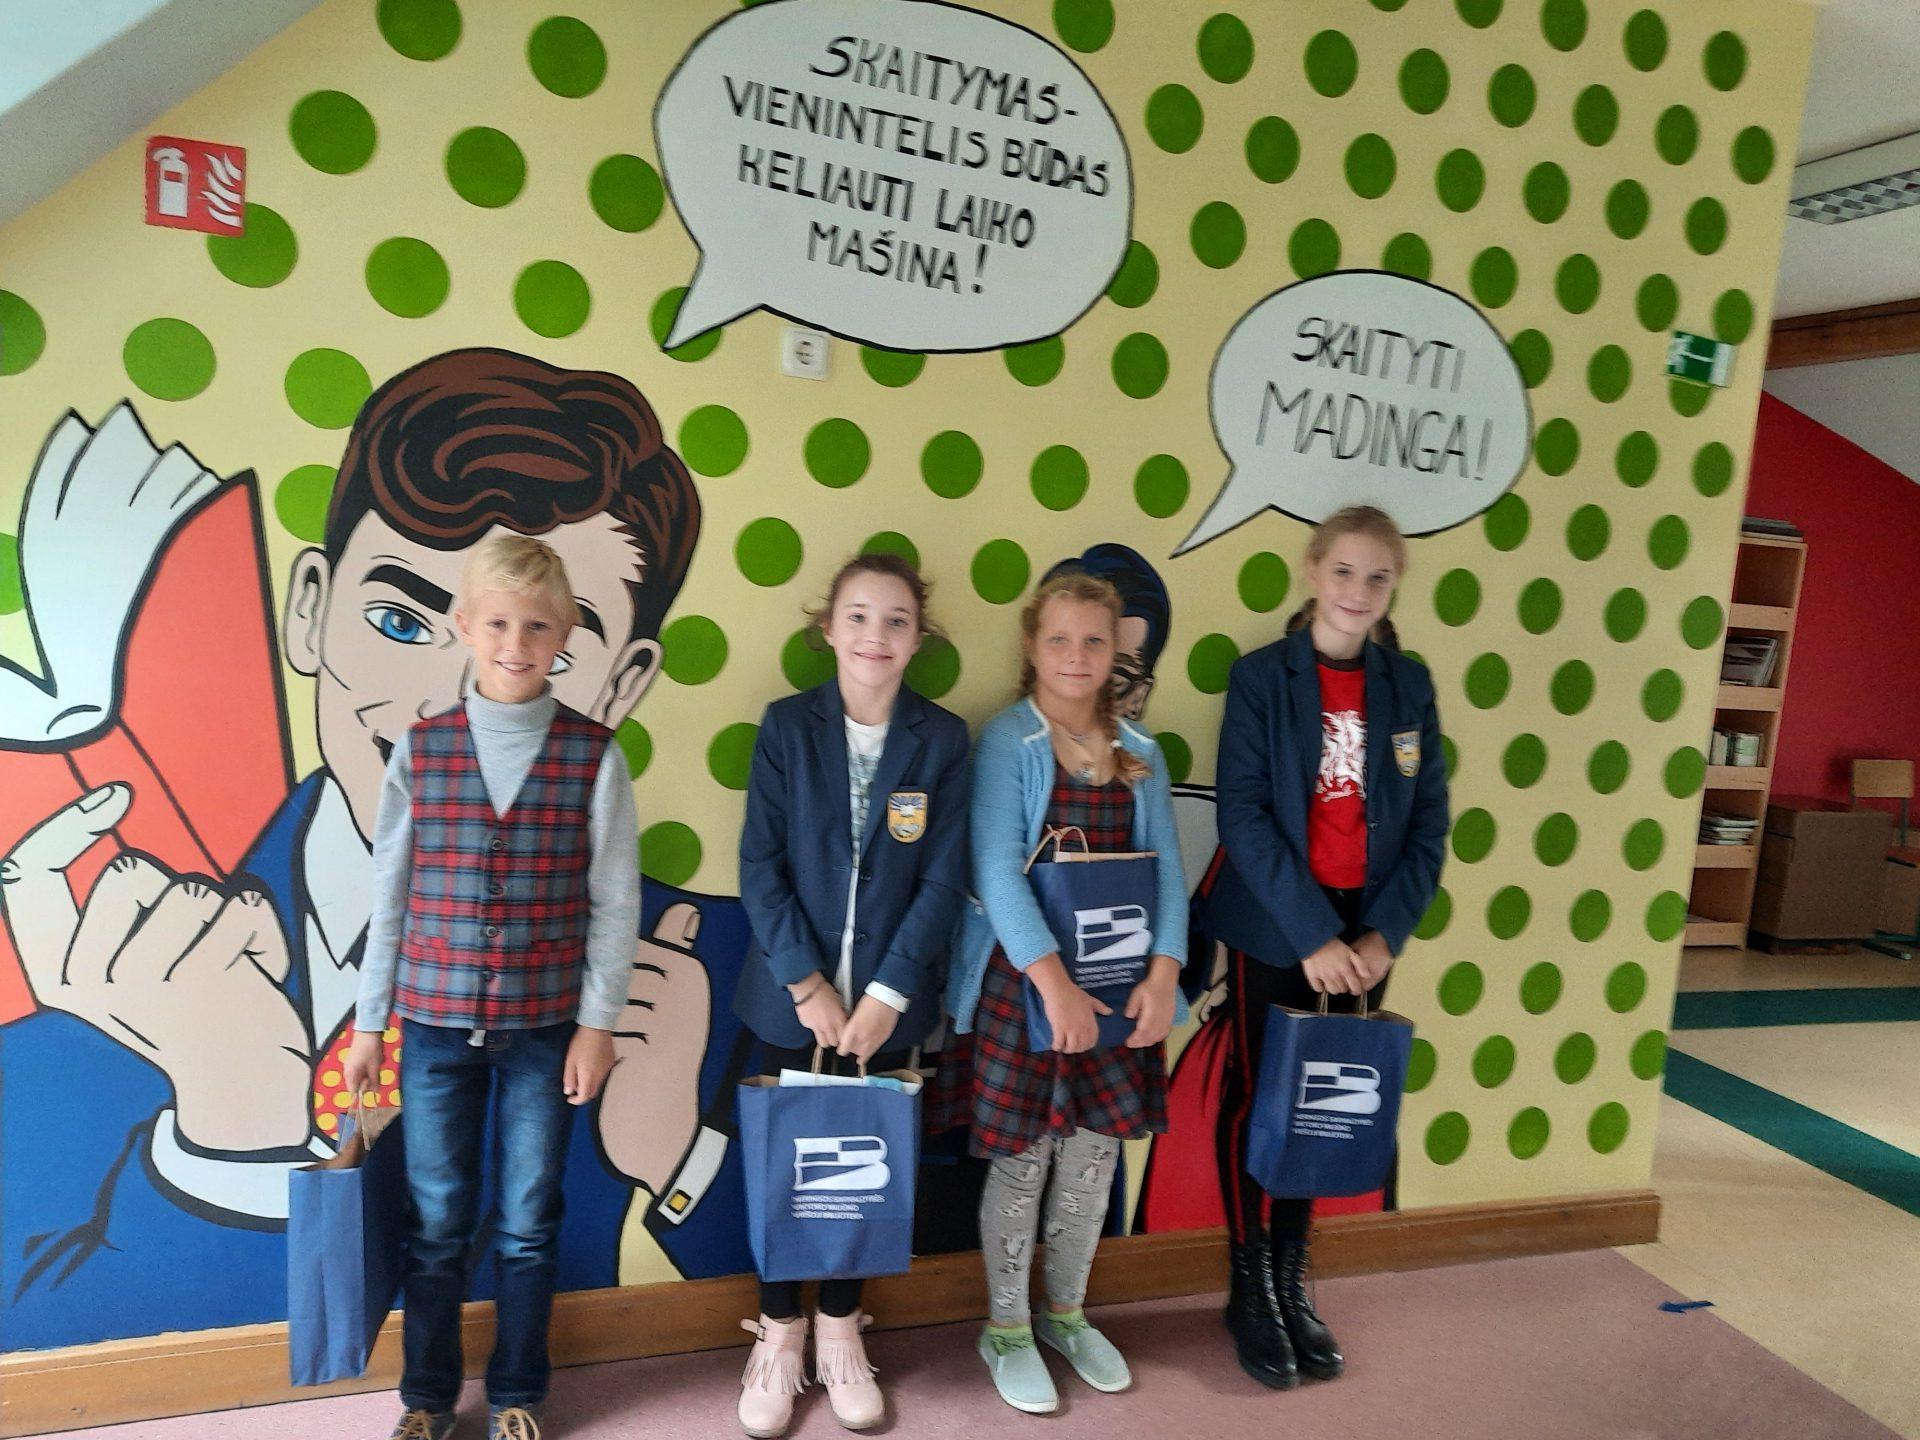 Skaitymo iššūkio dalyvių apdovanojimai Neringos gimnazijoje